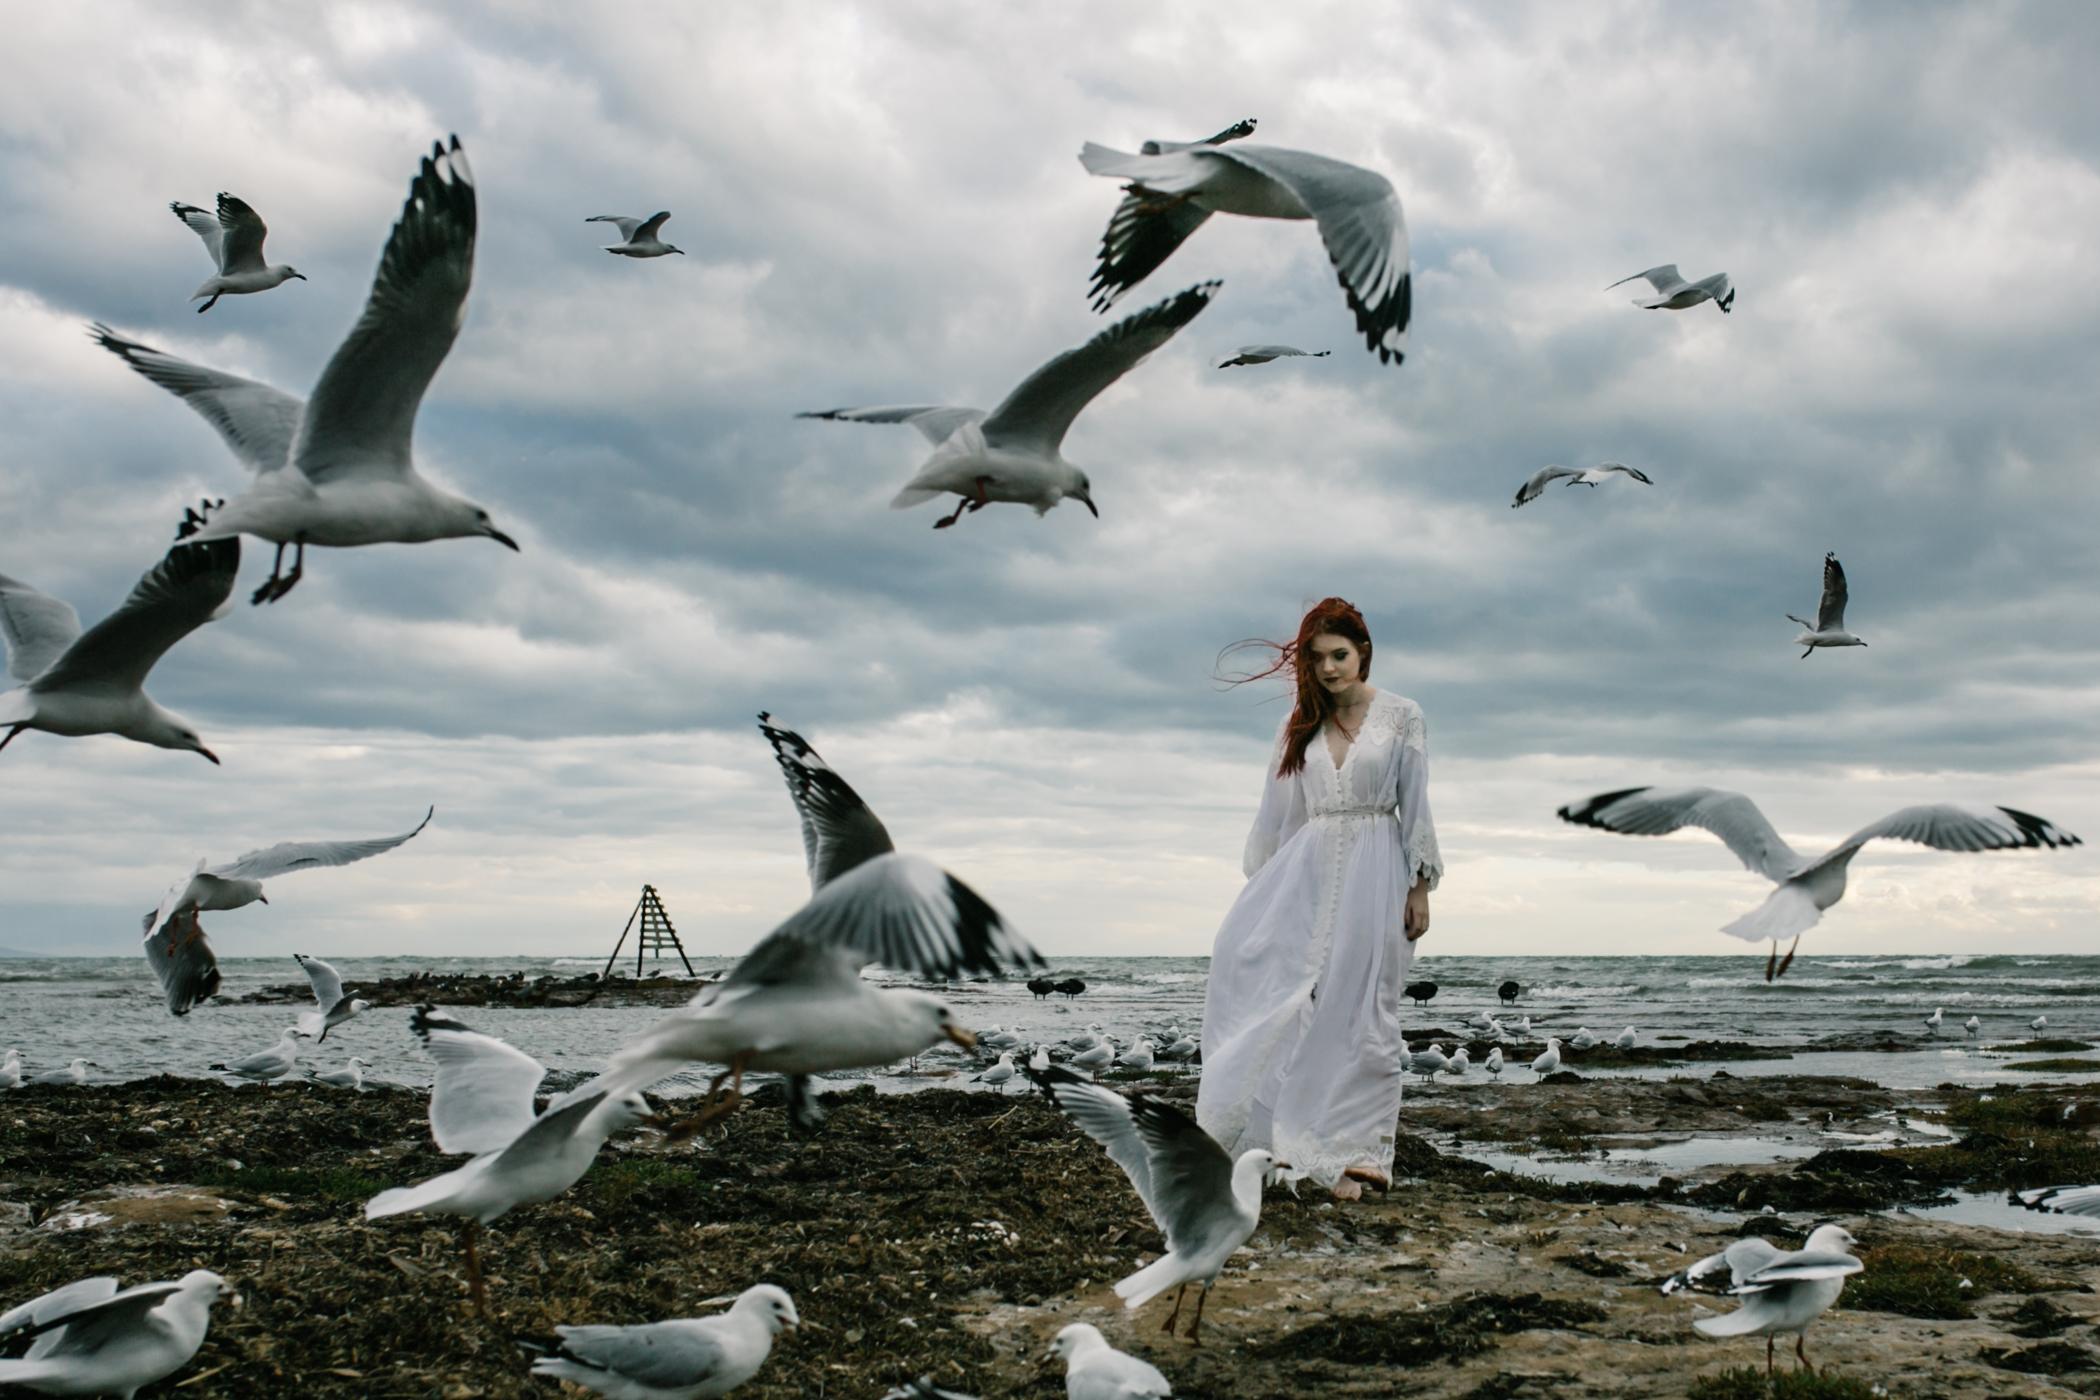 Photography by Fran Jorgensen